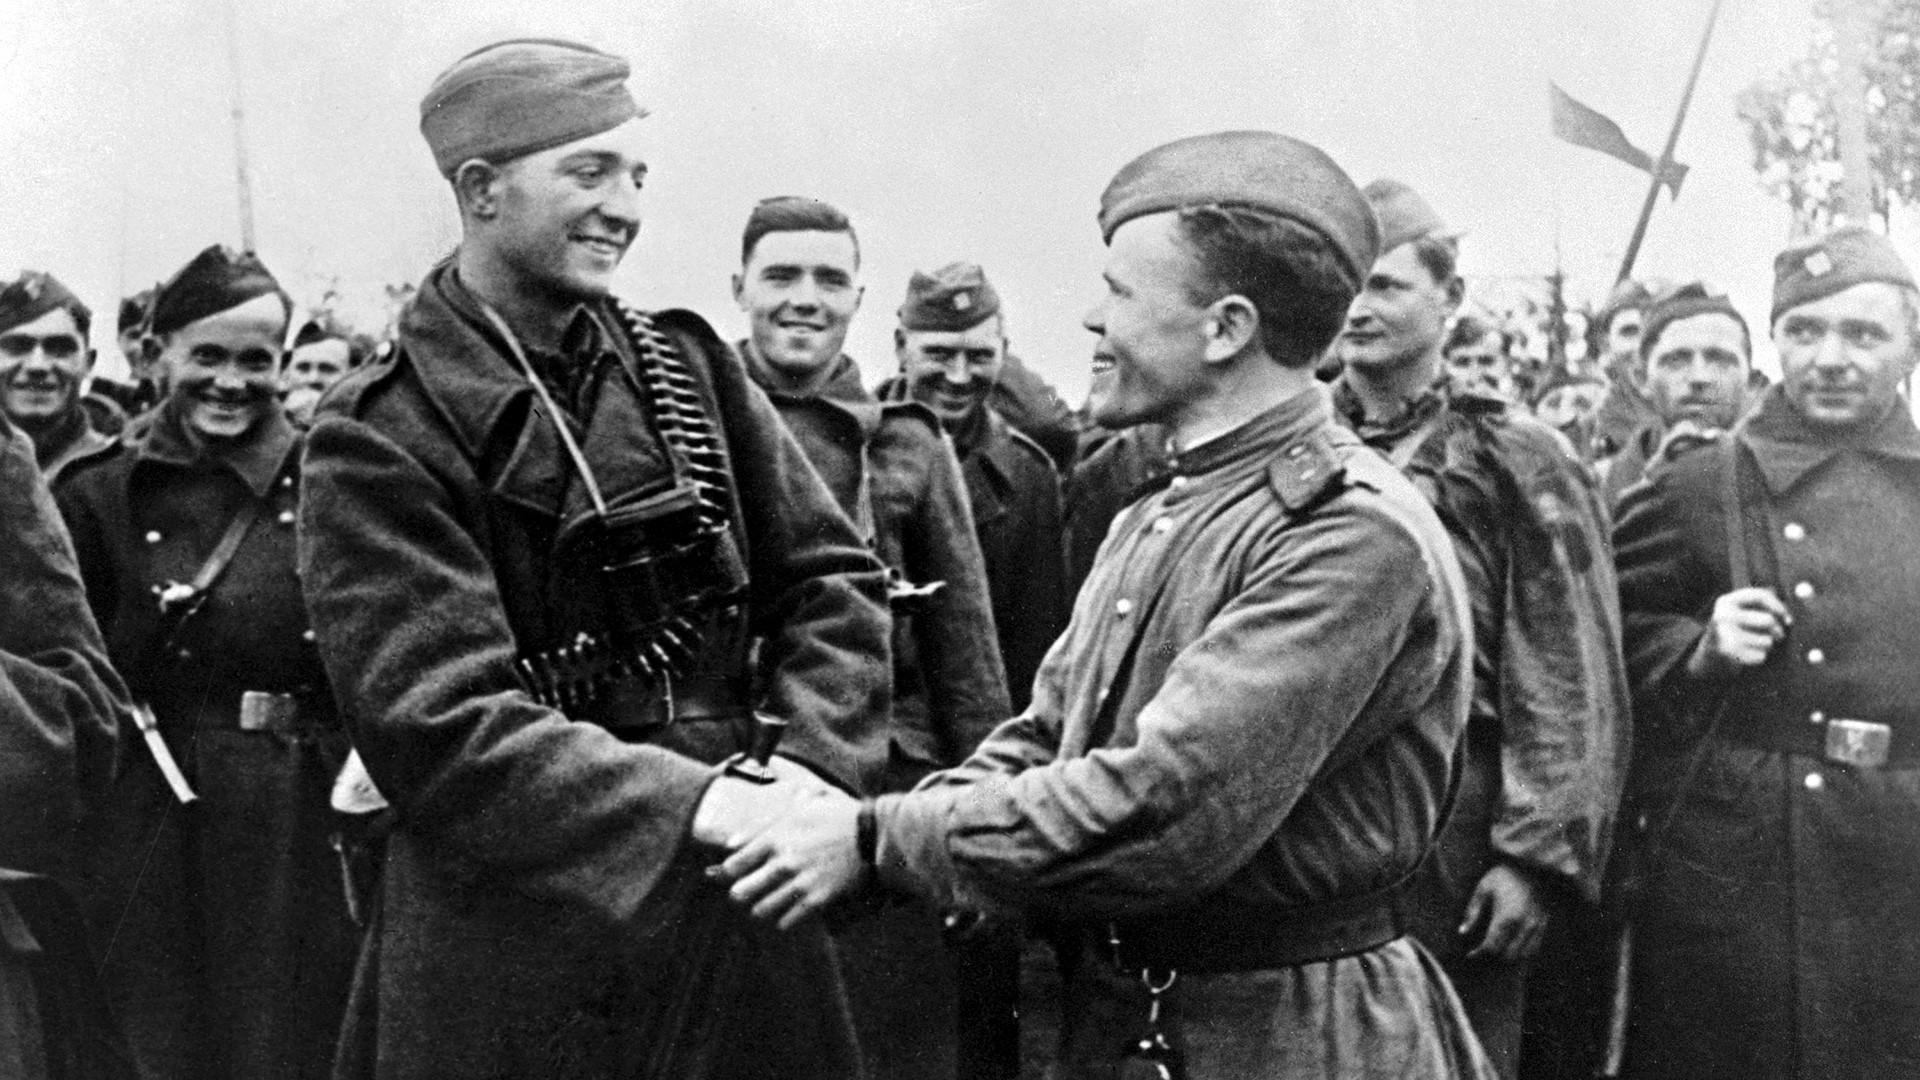 Un officier de l'Armée rouge félicite des soldats tchécoslovaques à leur retour dans leur pays d'origine. 6 octobre 1944.